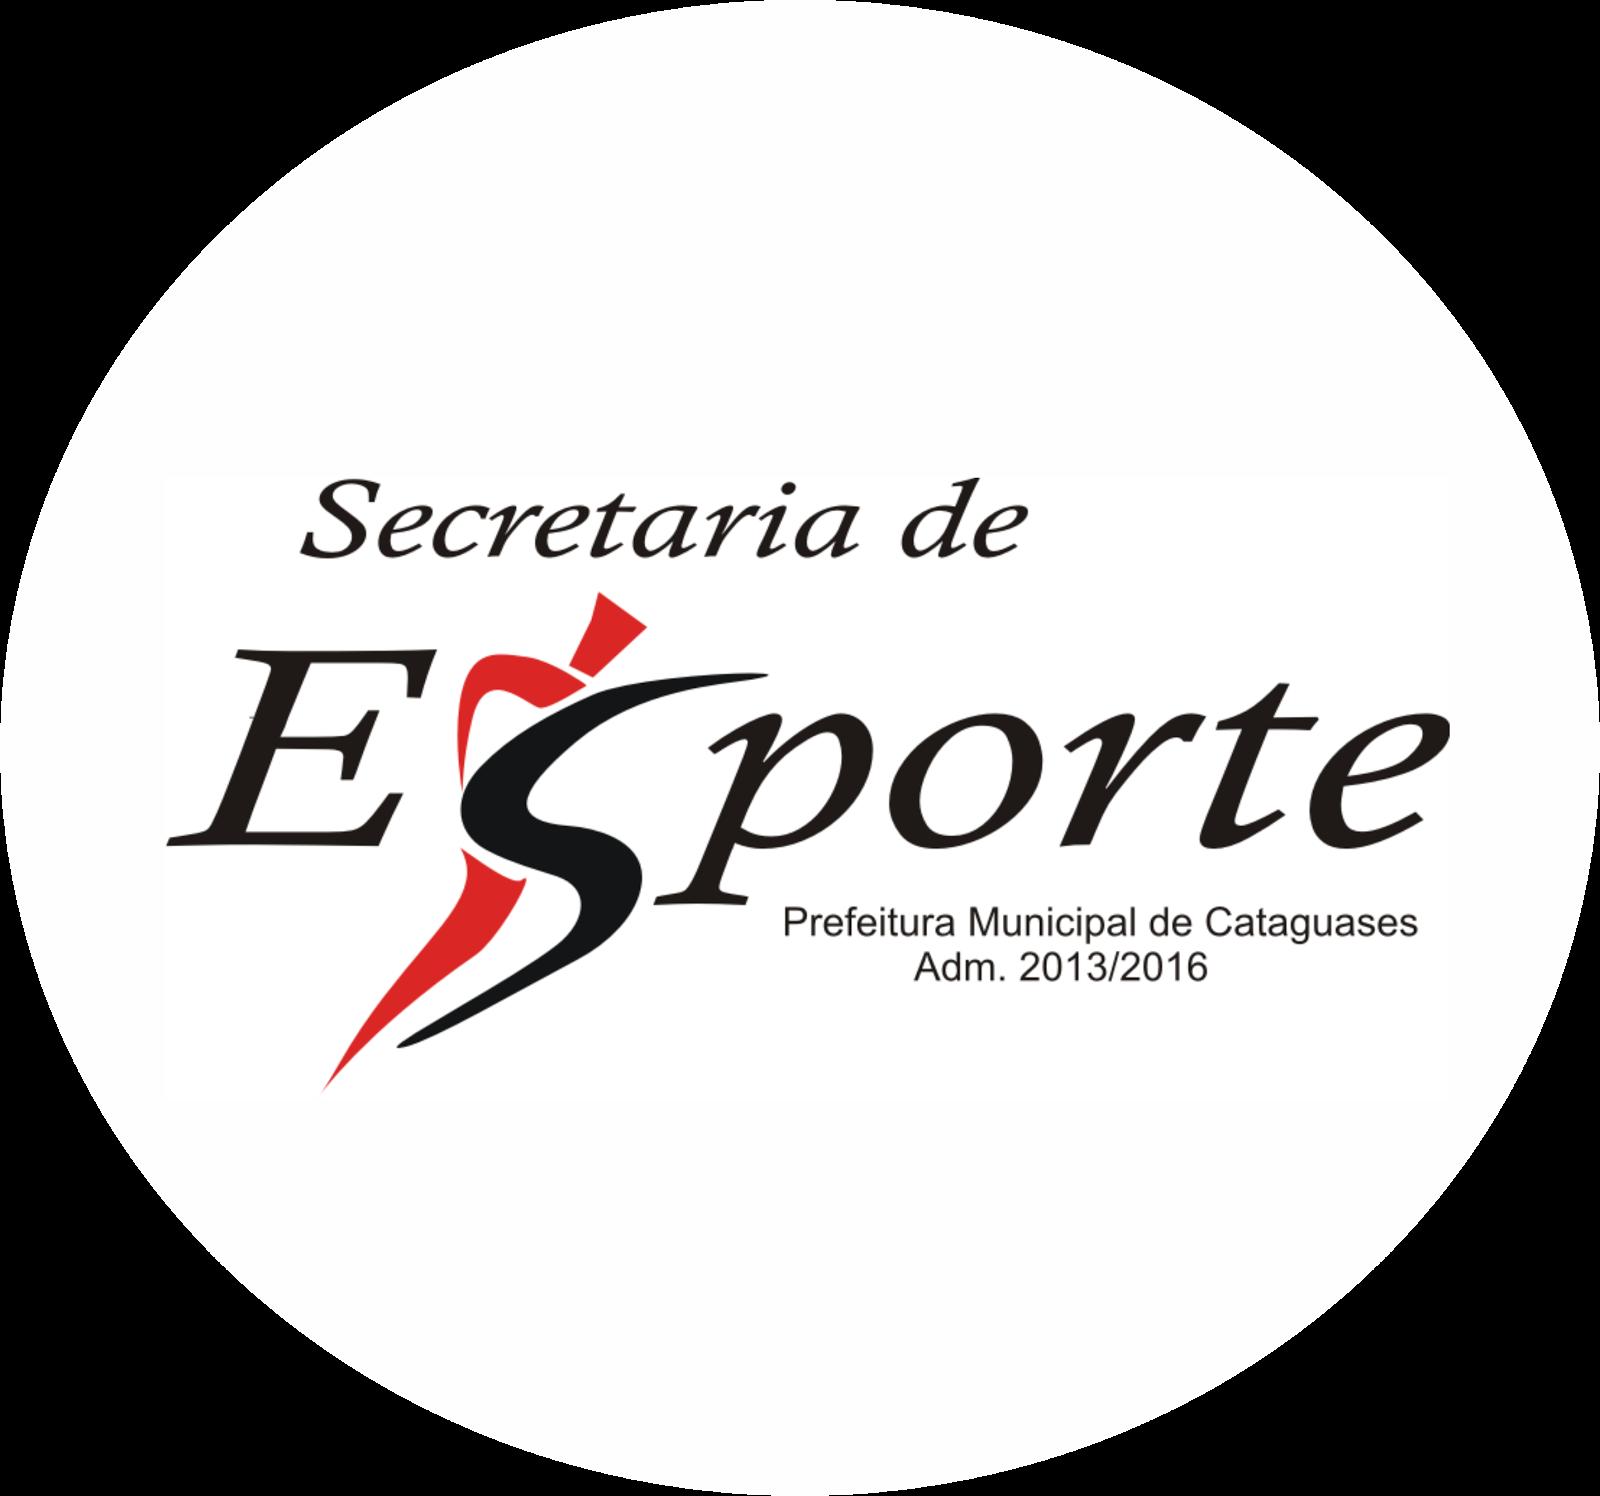 Secretaria de Esporte Cataguases